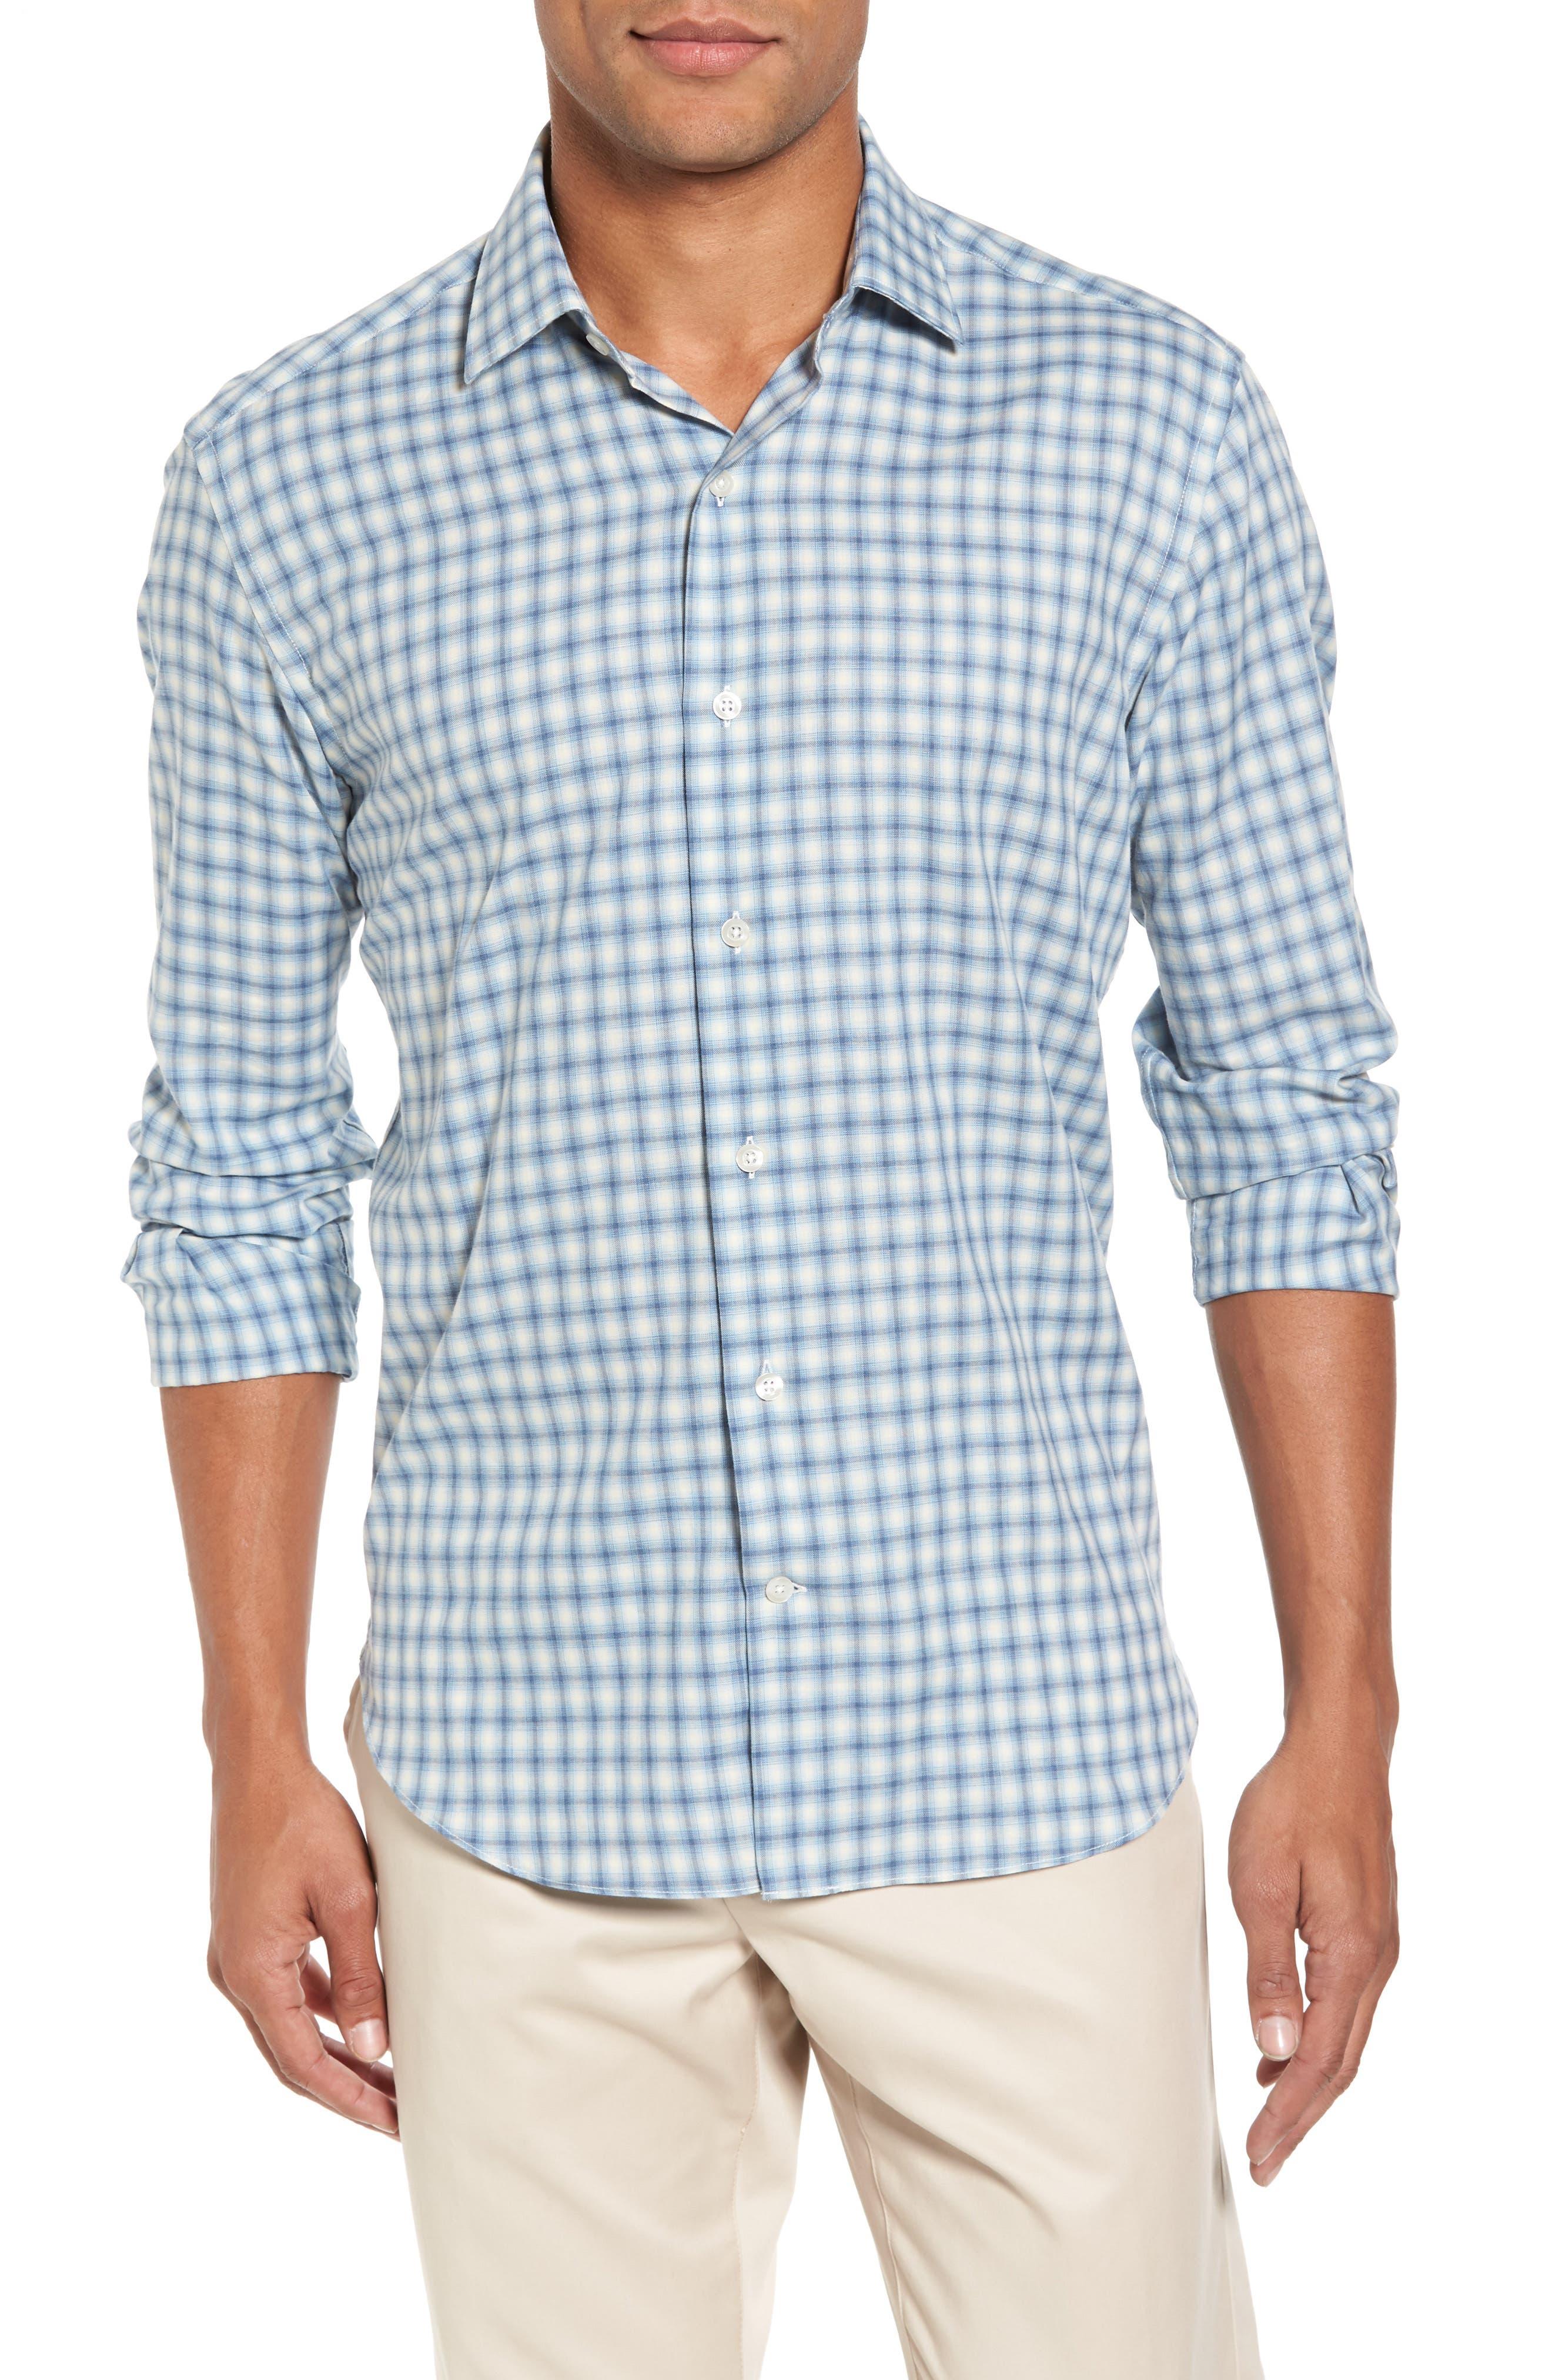 Culturata Slim Fit Plaid Twill Sport Shirt